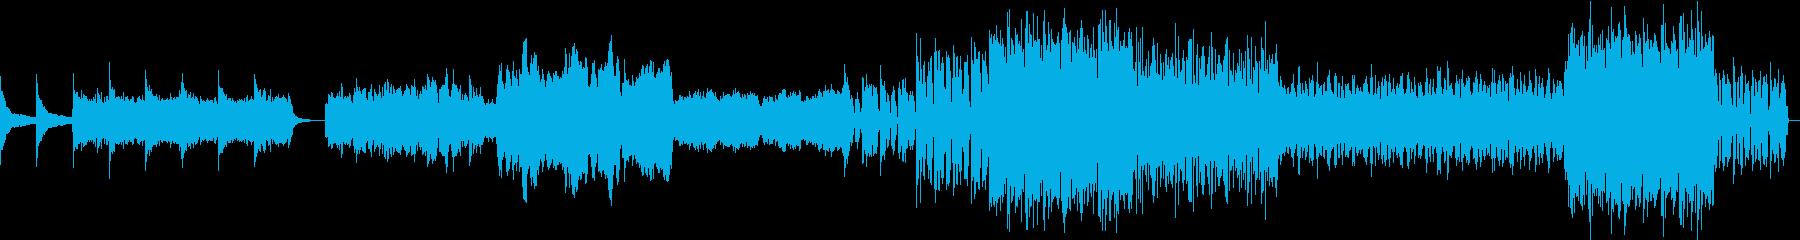 アクション映画のオープニング曲をイメー…の再生済みの波形